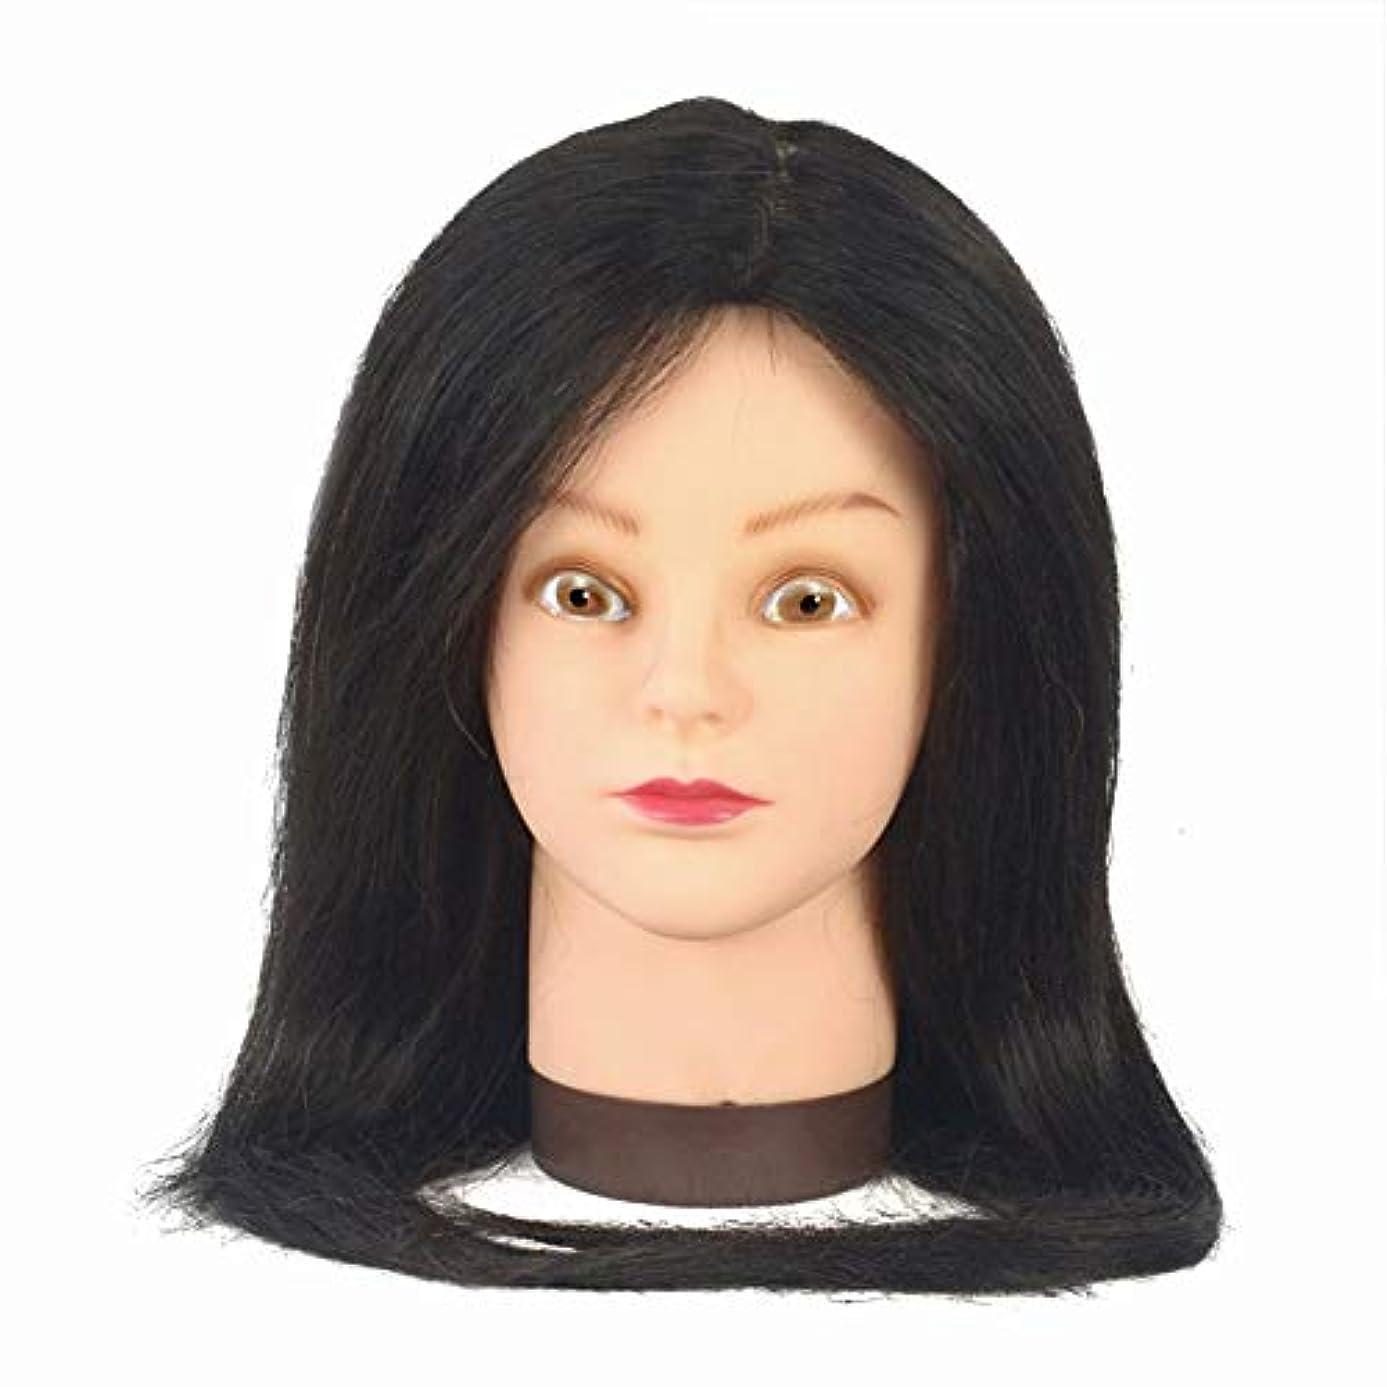 ボットプロテスタント添付80%リアル人間の髪モデルヘッドサロン学習吹くことができますパーマ髪染めダミーヘッド編集ヘア練習ヘッドモデル,Black